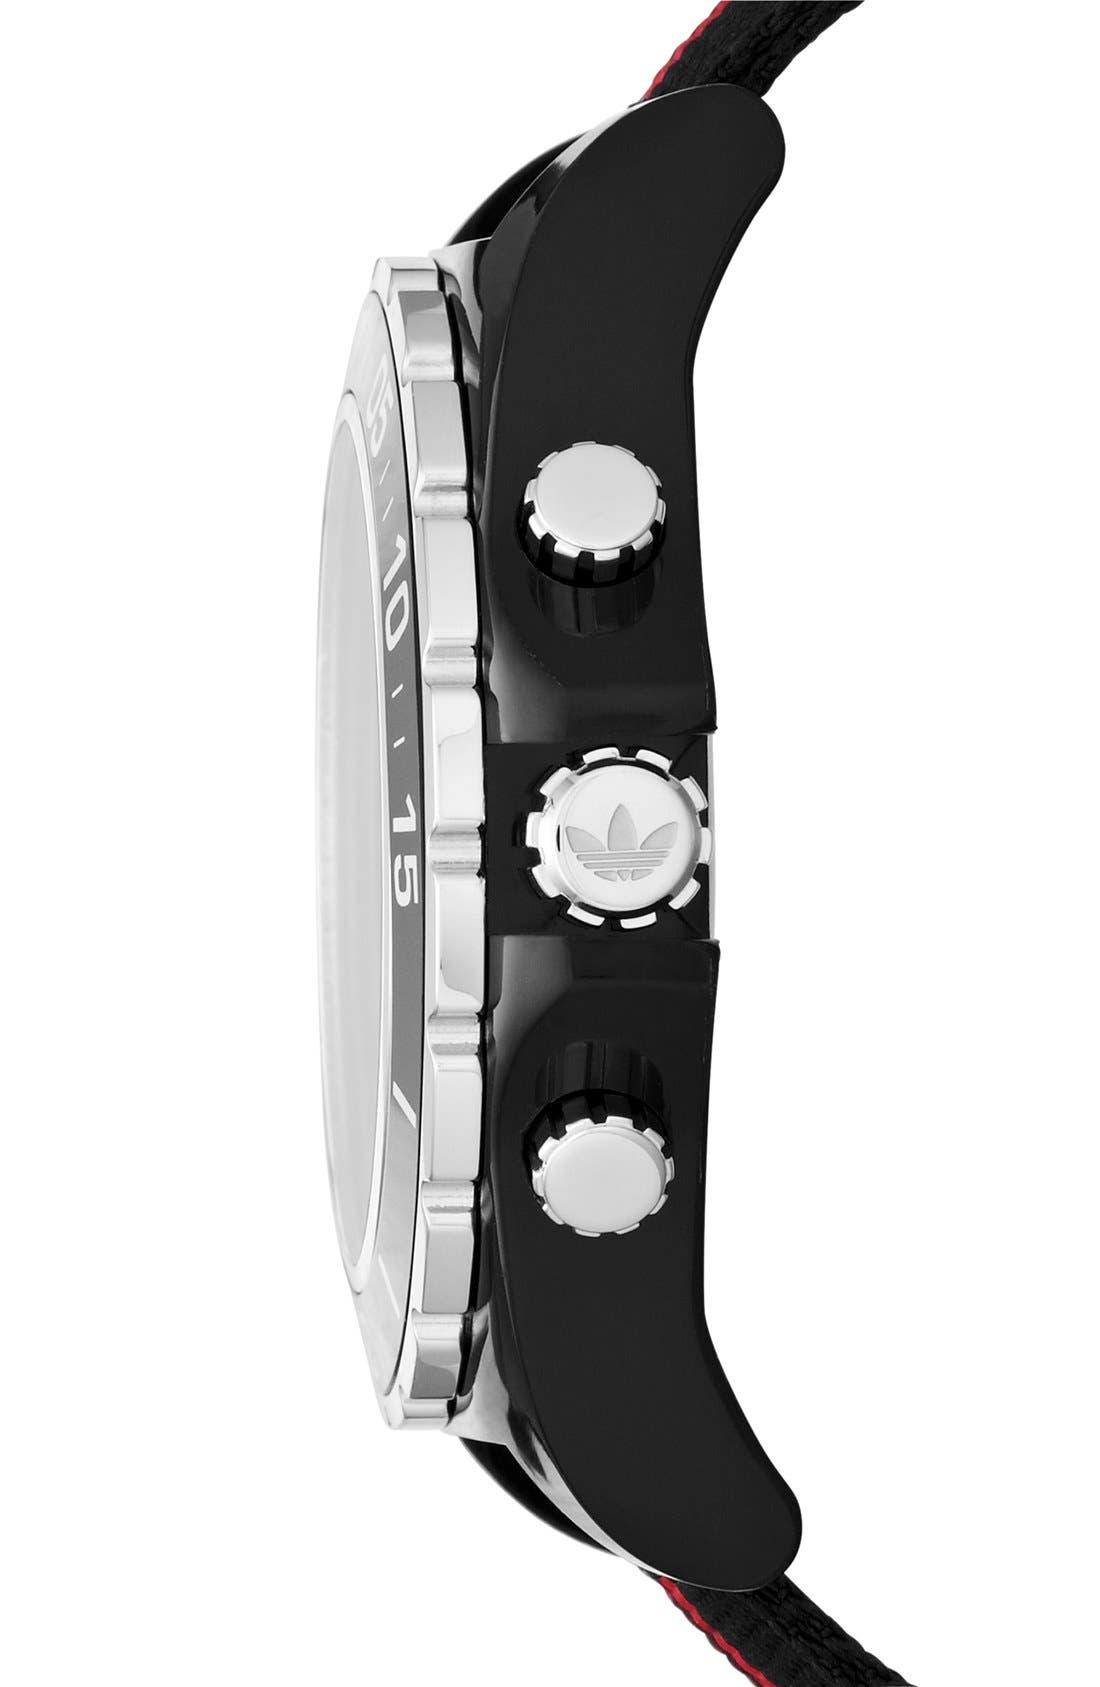 Reloj nylon de Reloj correa de nylon con cronógrafo Stockholm adidas cronógrafo Originals, 45 mm 4dc0012 - hvorvikankobe.website